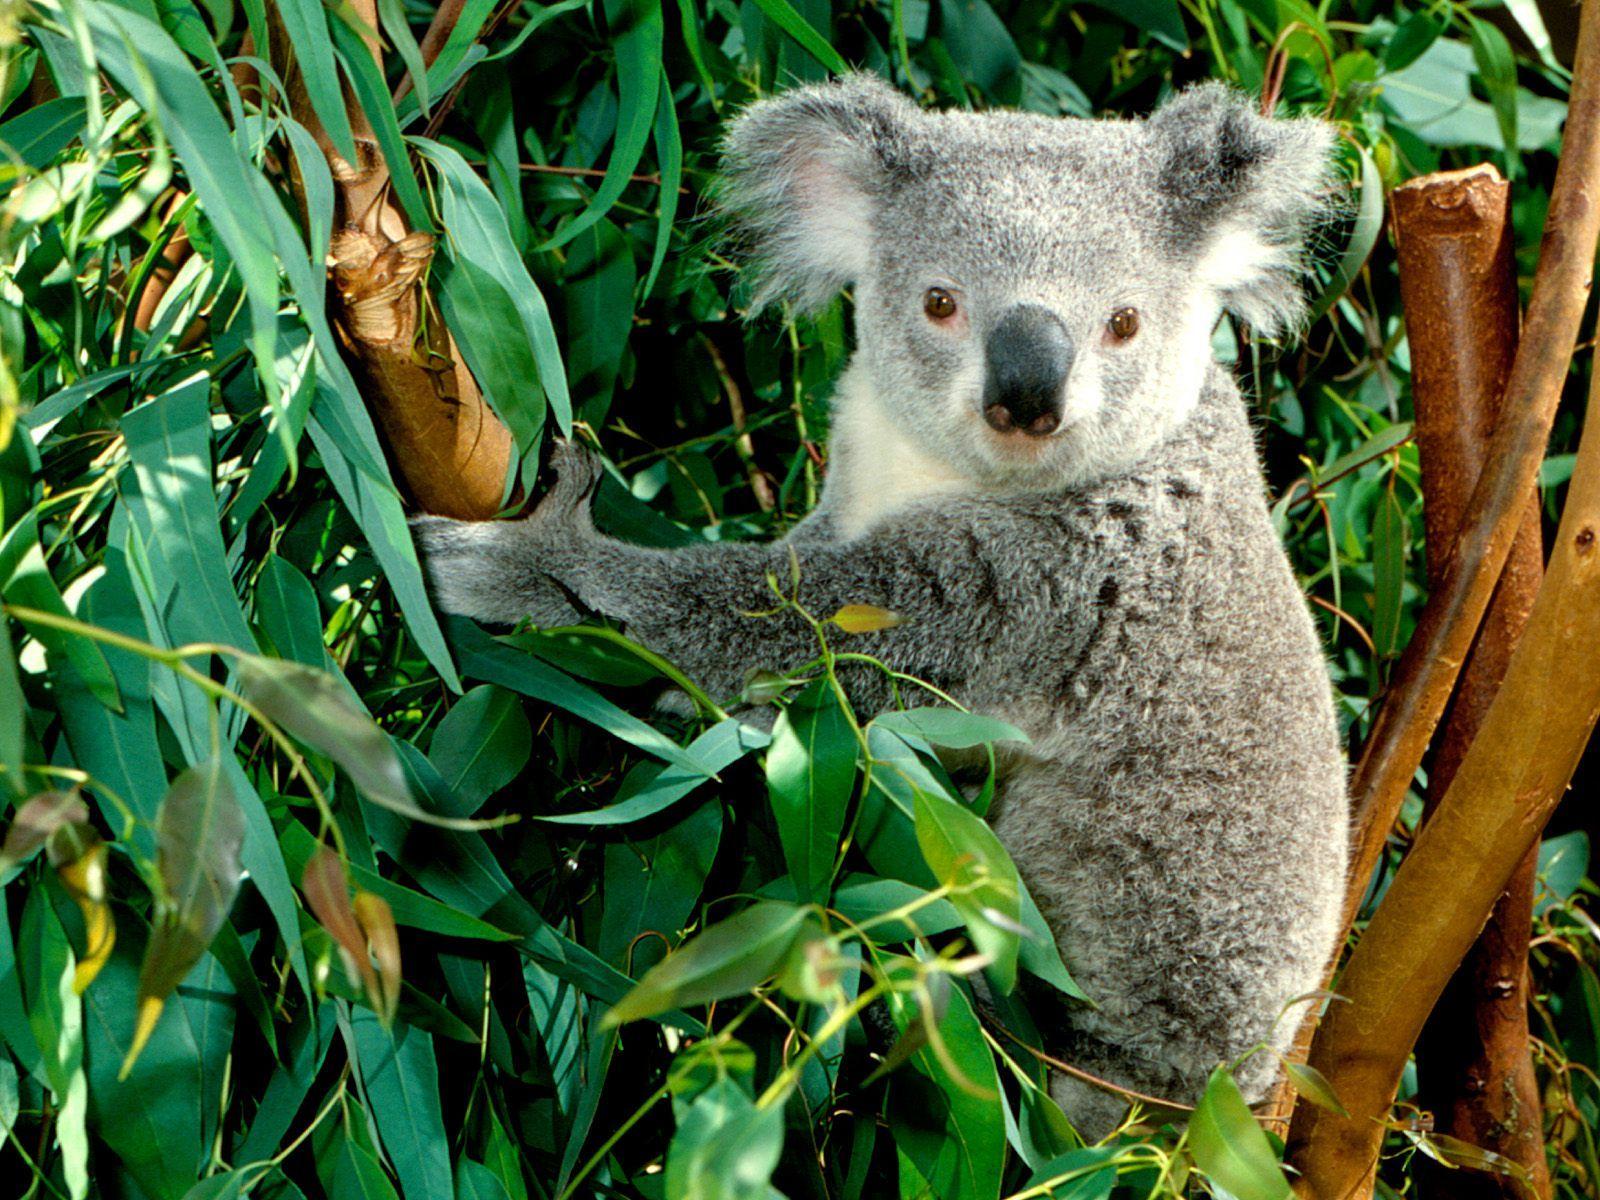 Cute Koalas Photos For Wallpaper Photography Center Koala Bear Cute Koala Bear Koala